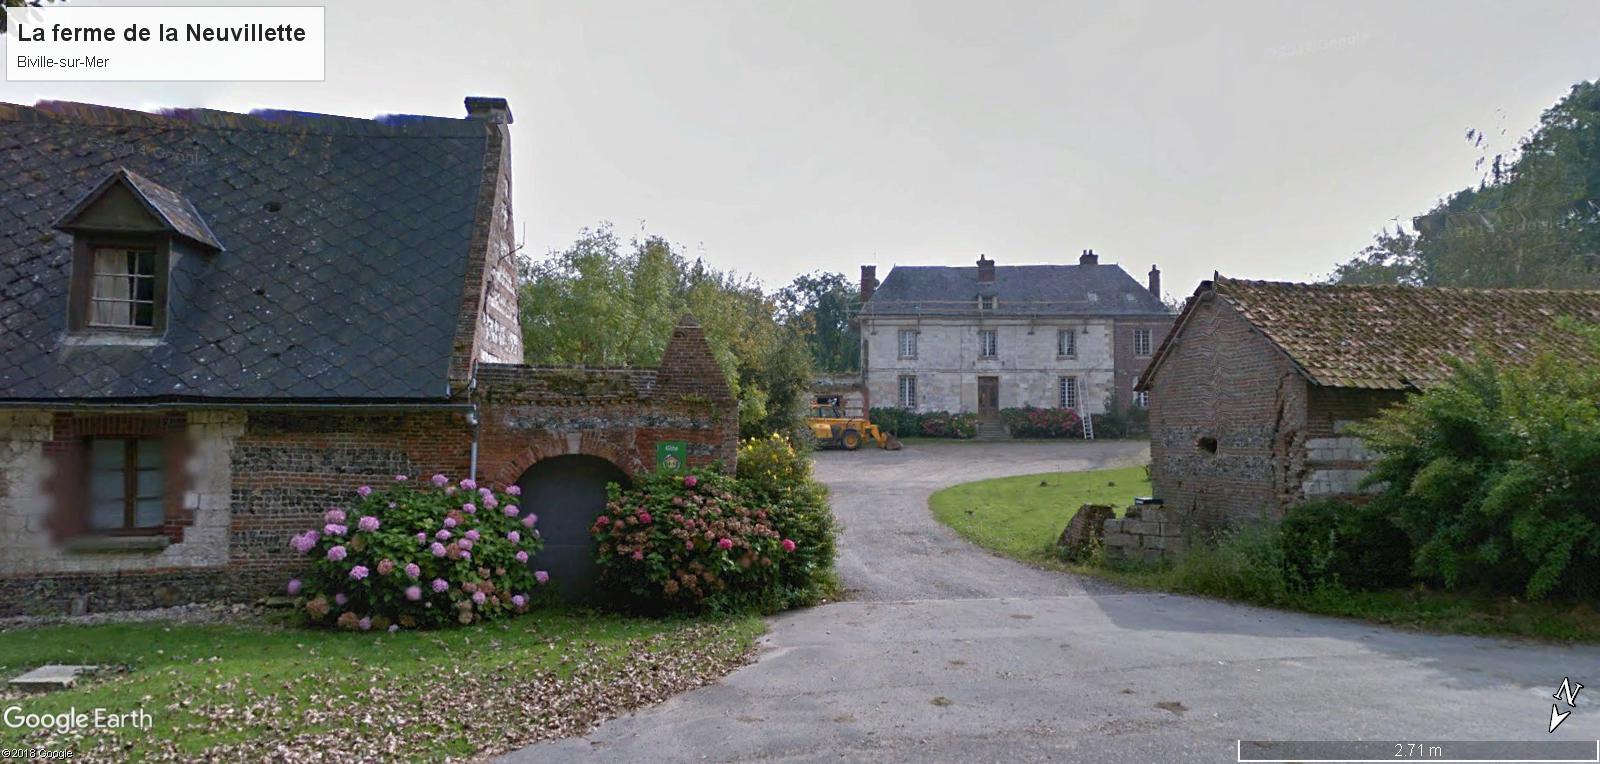 TOUR DE FRANCE VIRTUEL - Page 25 Sv-neu10